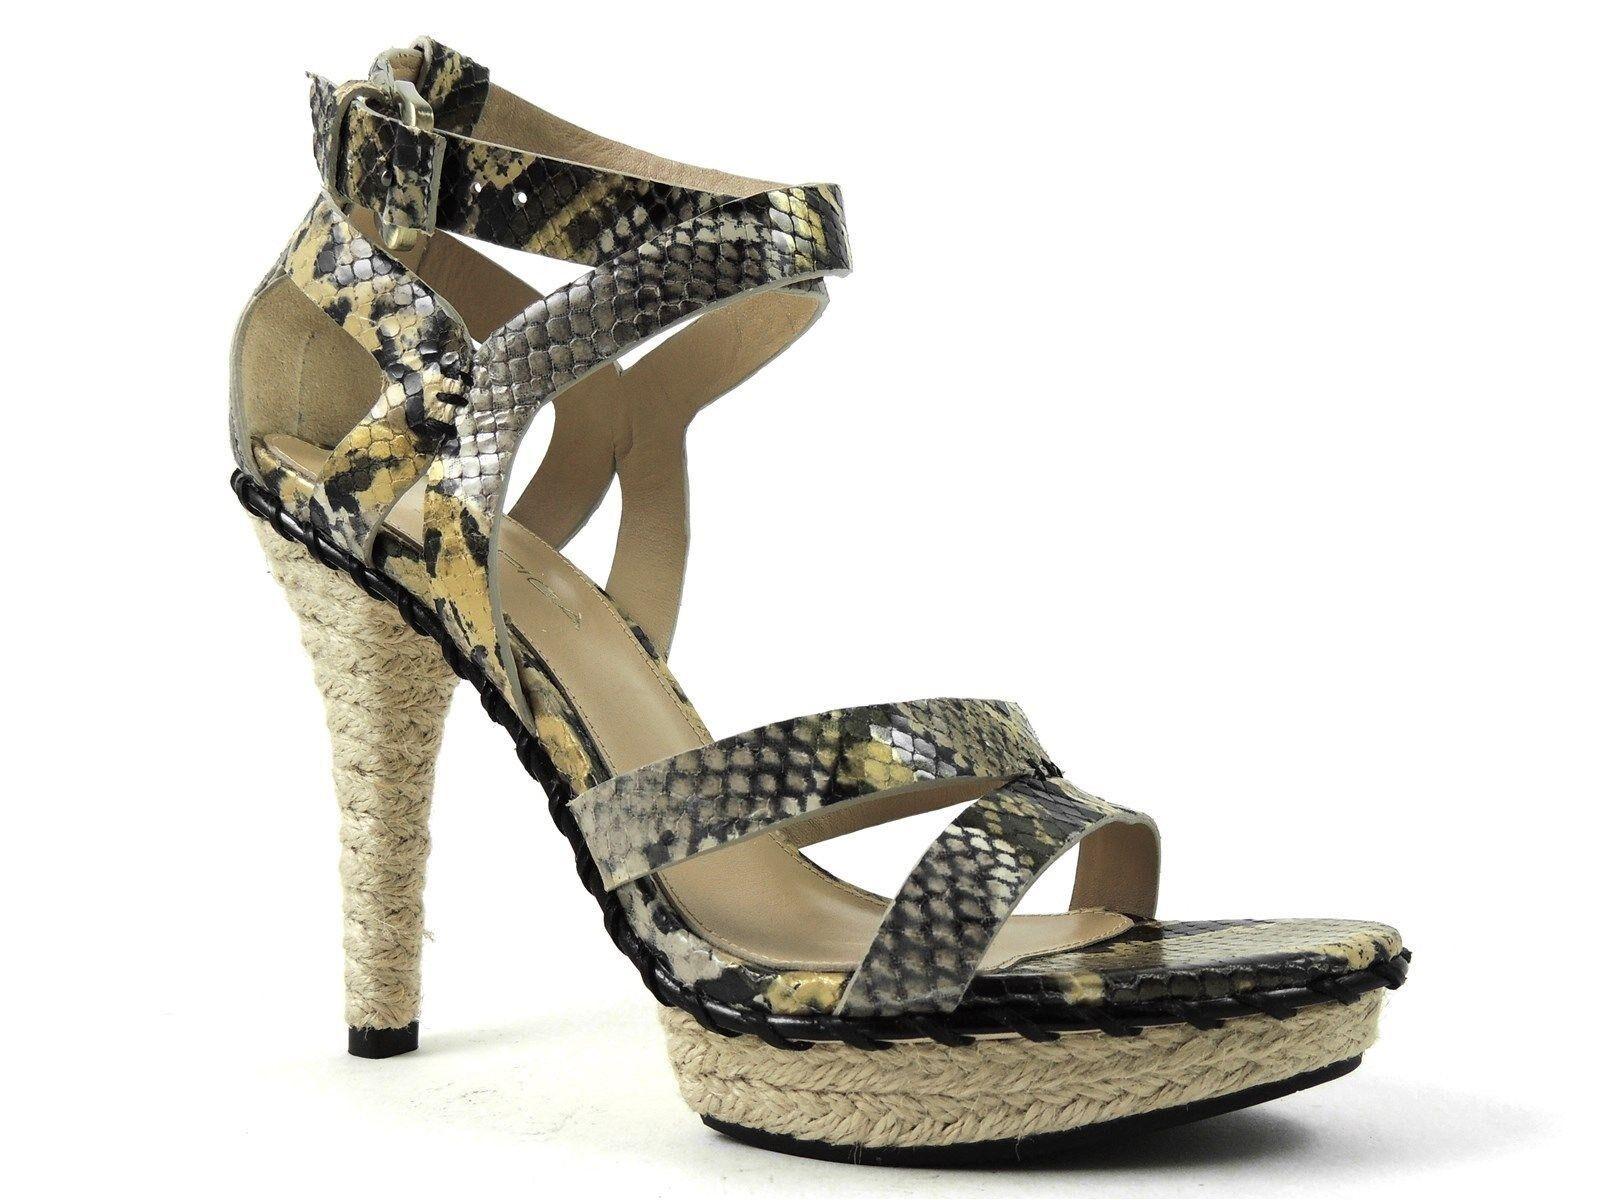 Via Spiga Women's Comanche Platform Sandals Light Taupe Size 6.5 M